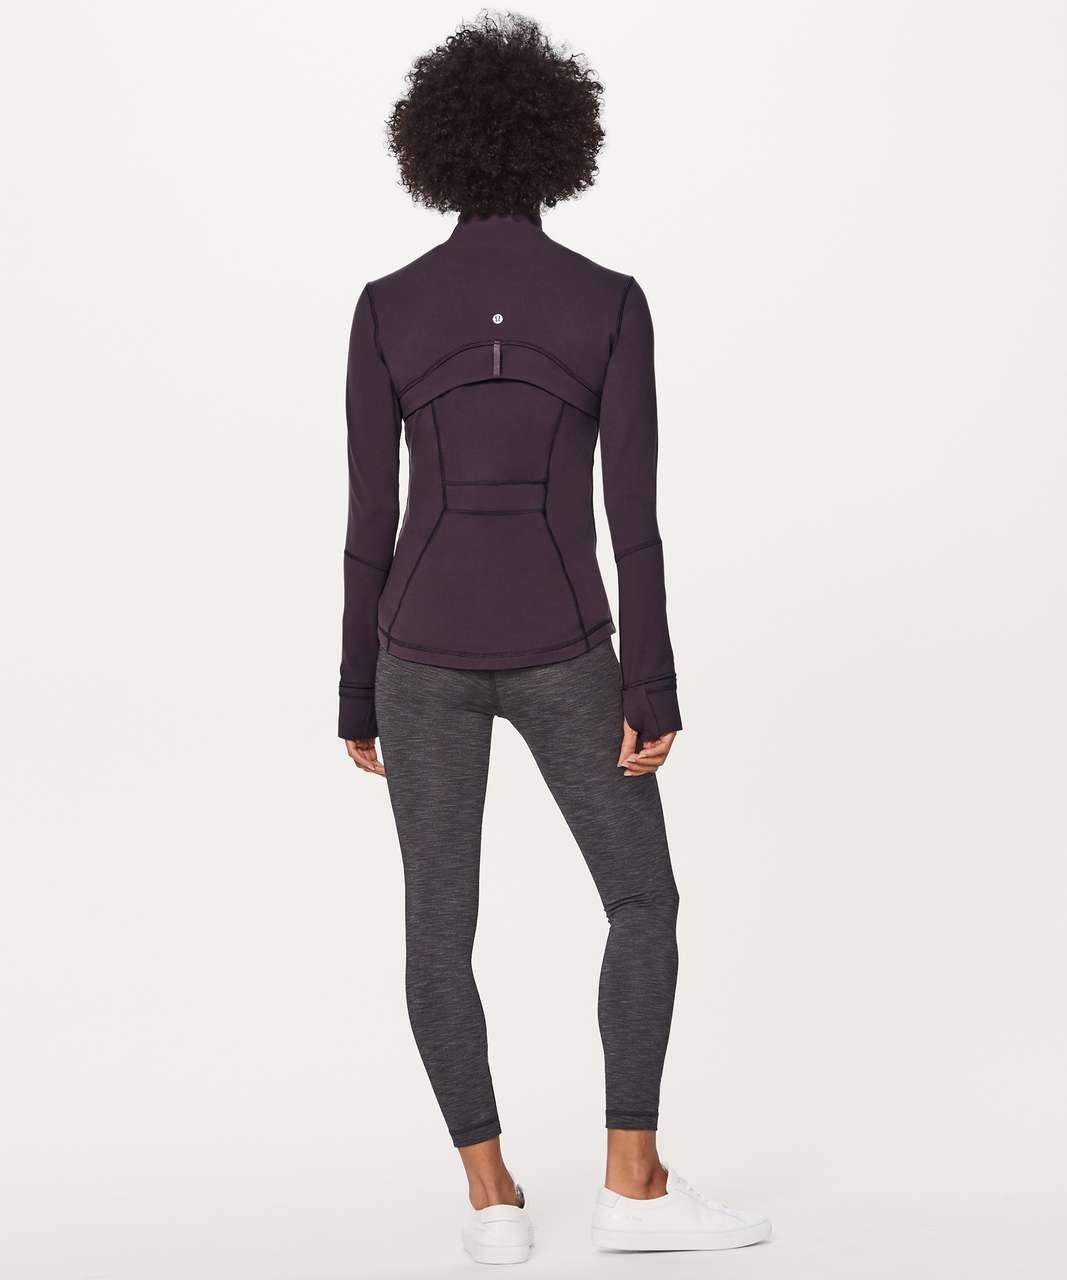 Lululemon Define Jacket - Black Currant